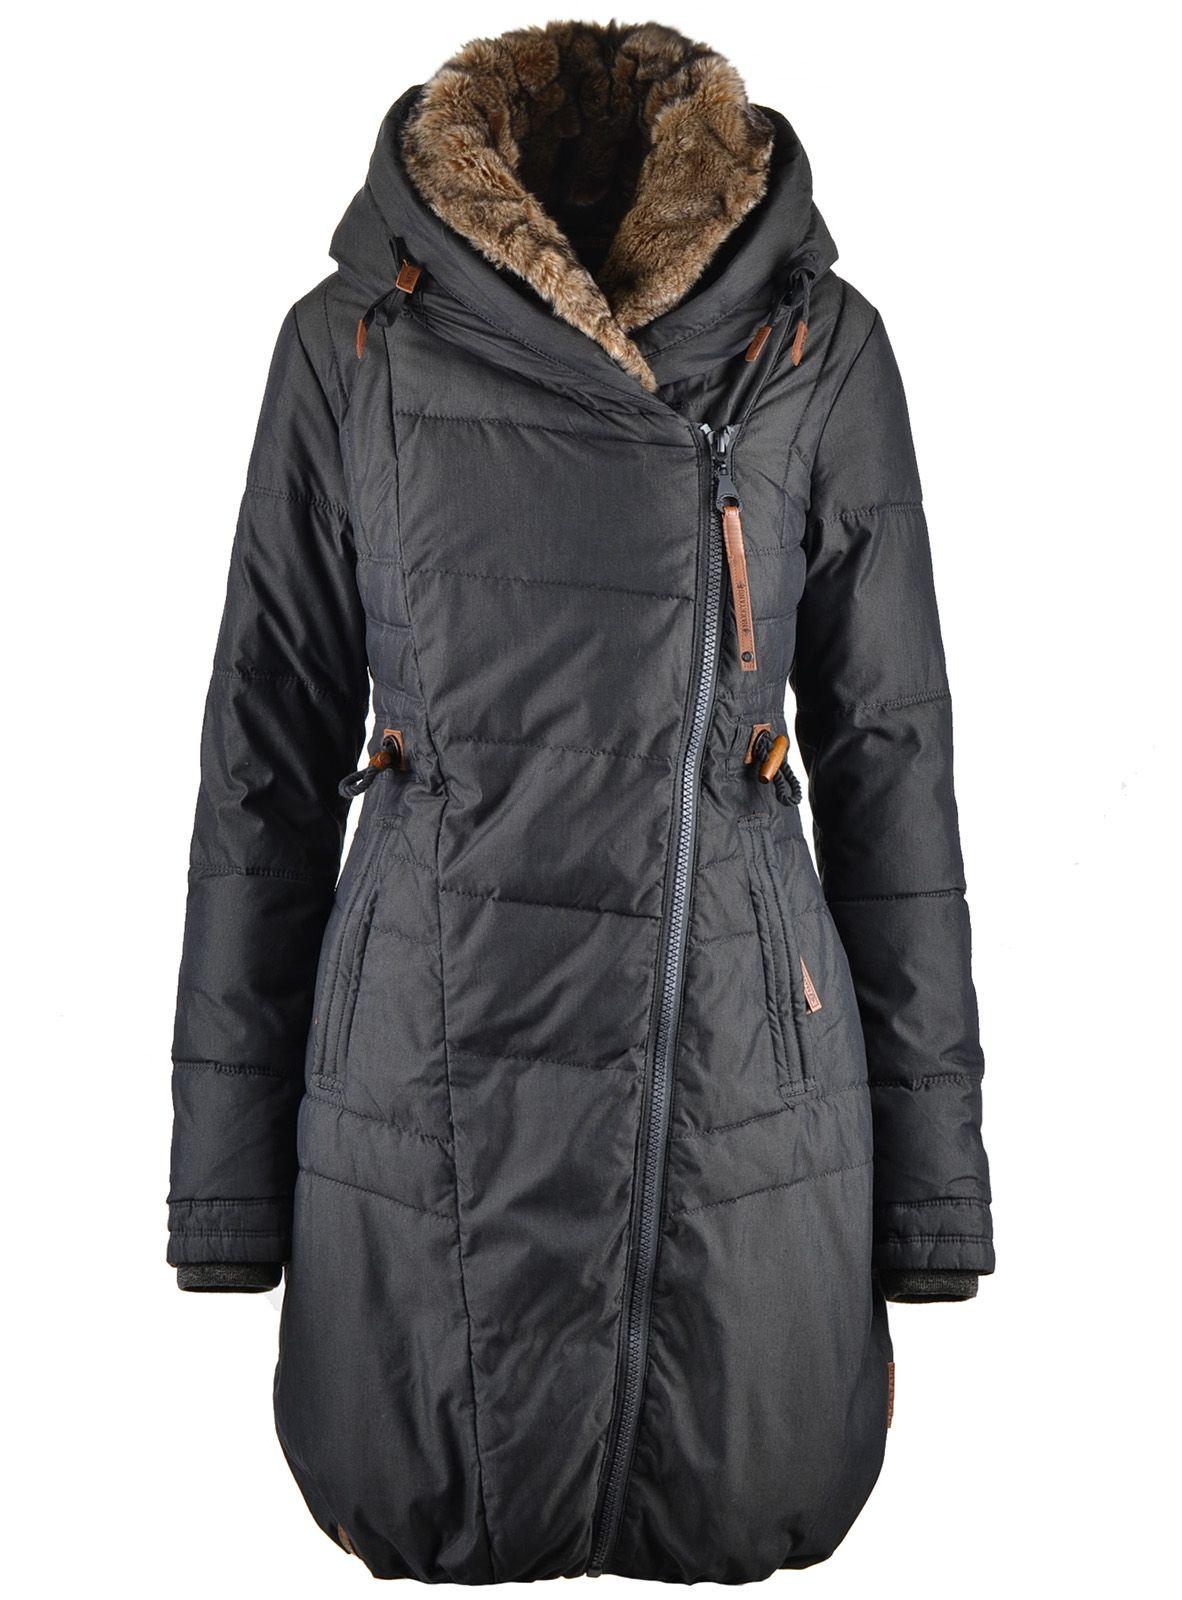 c102d3aa5bd41 Teplá zimní bunda v černé barvě Naketano Der Geist | Péřové zimní bundy |  Parky | BUNDY | KABÁTY | Chicshop.cz